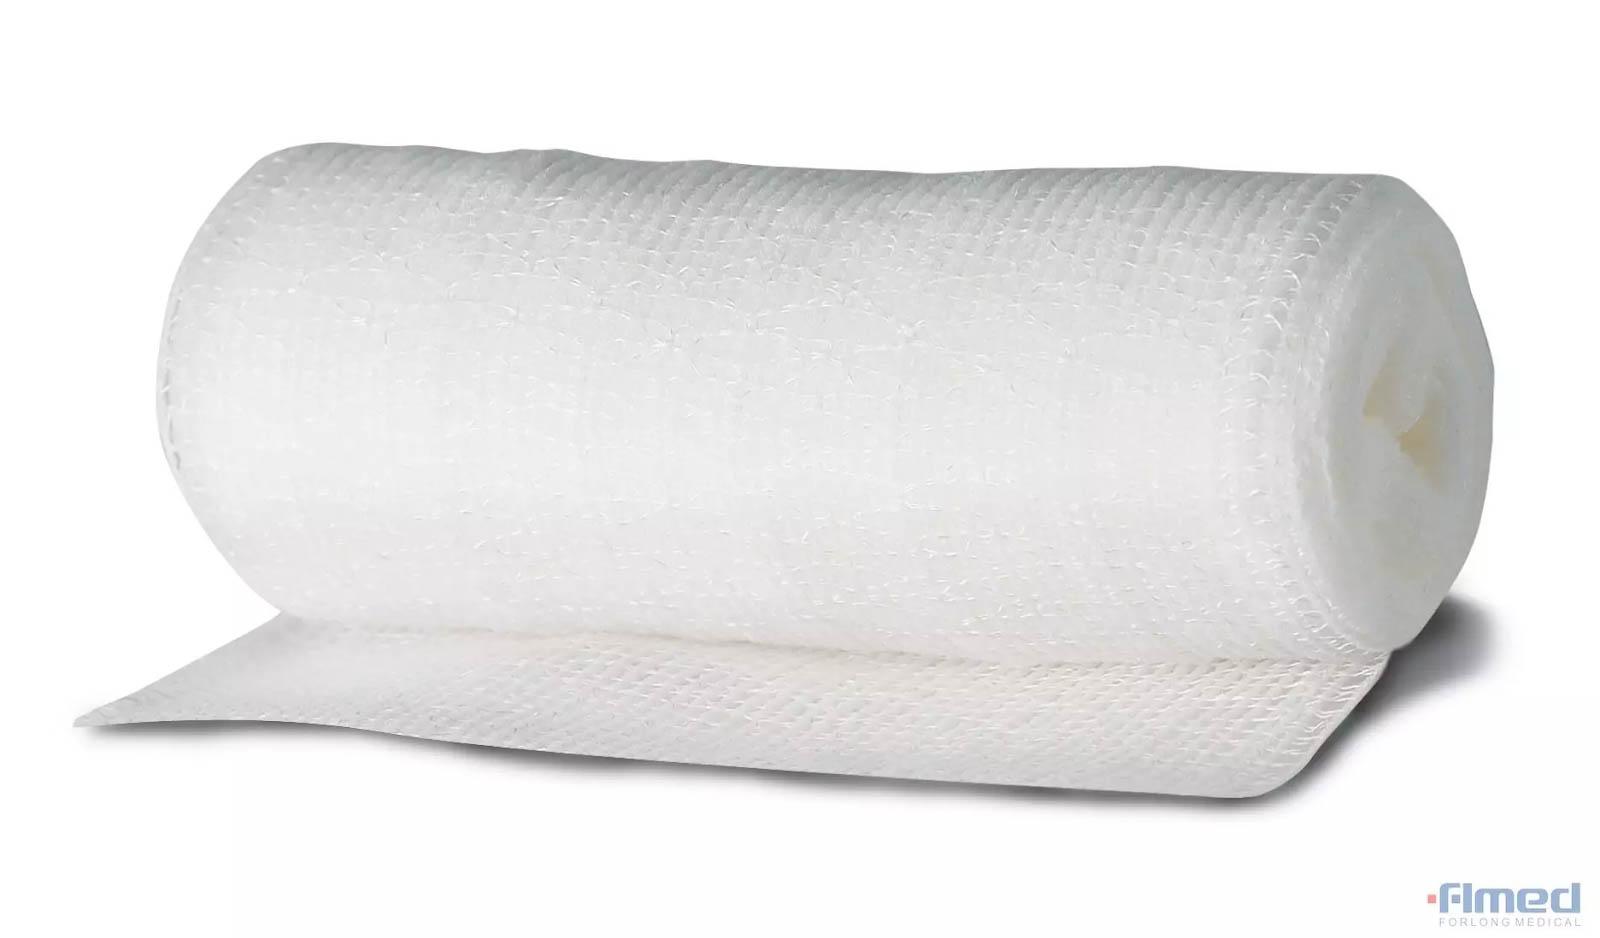 Băng gạc y tế làm từ cotton